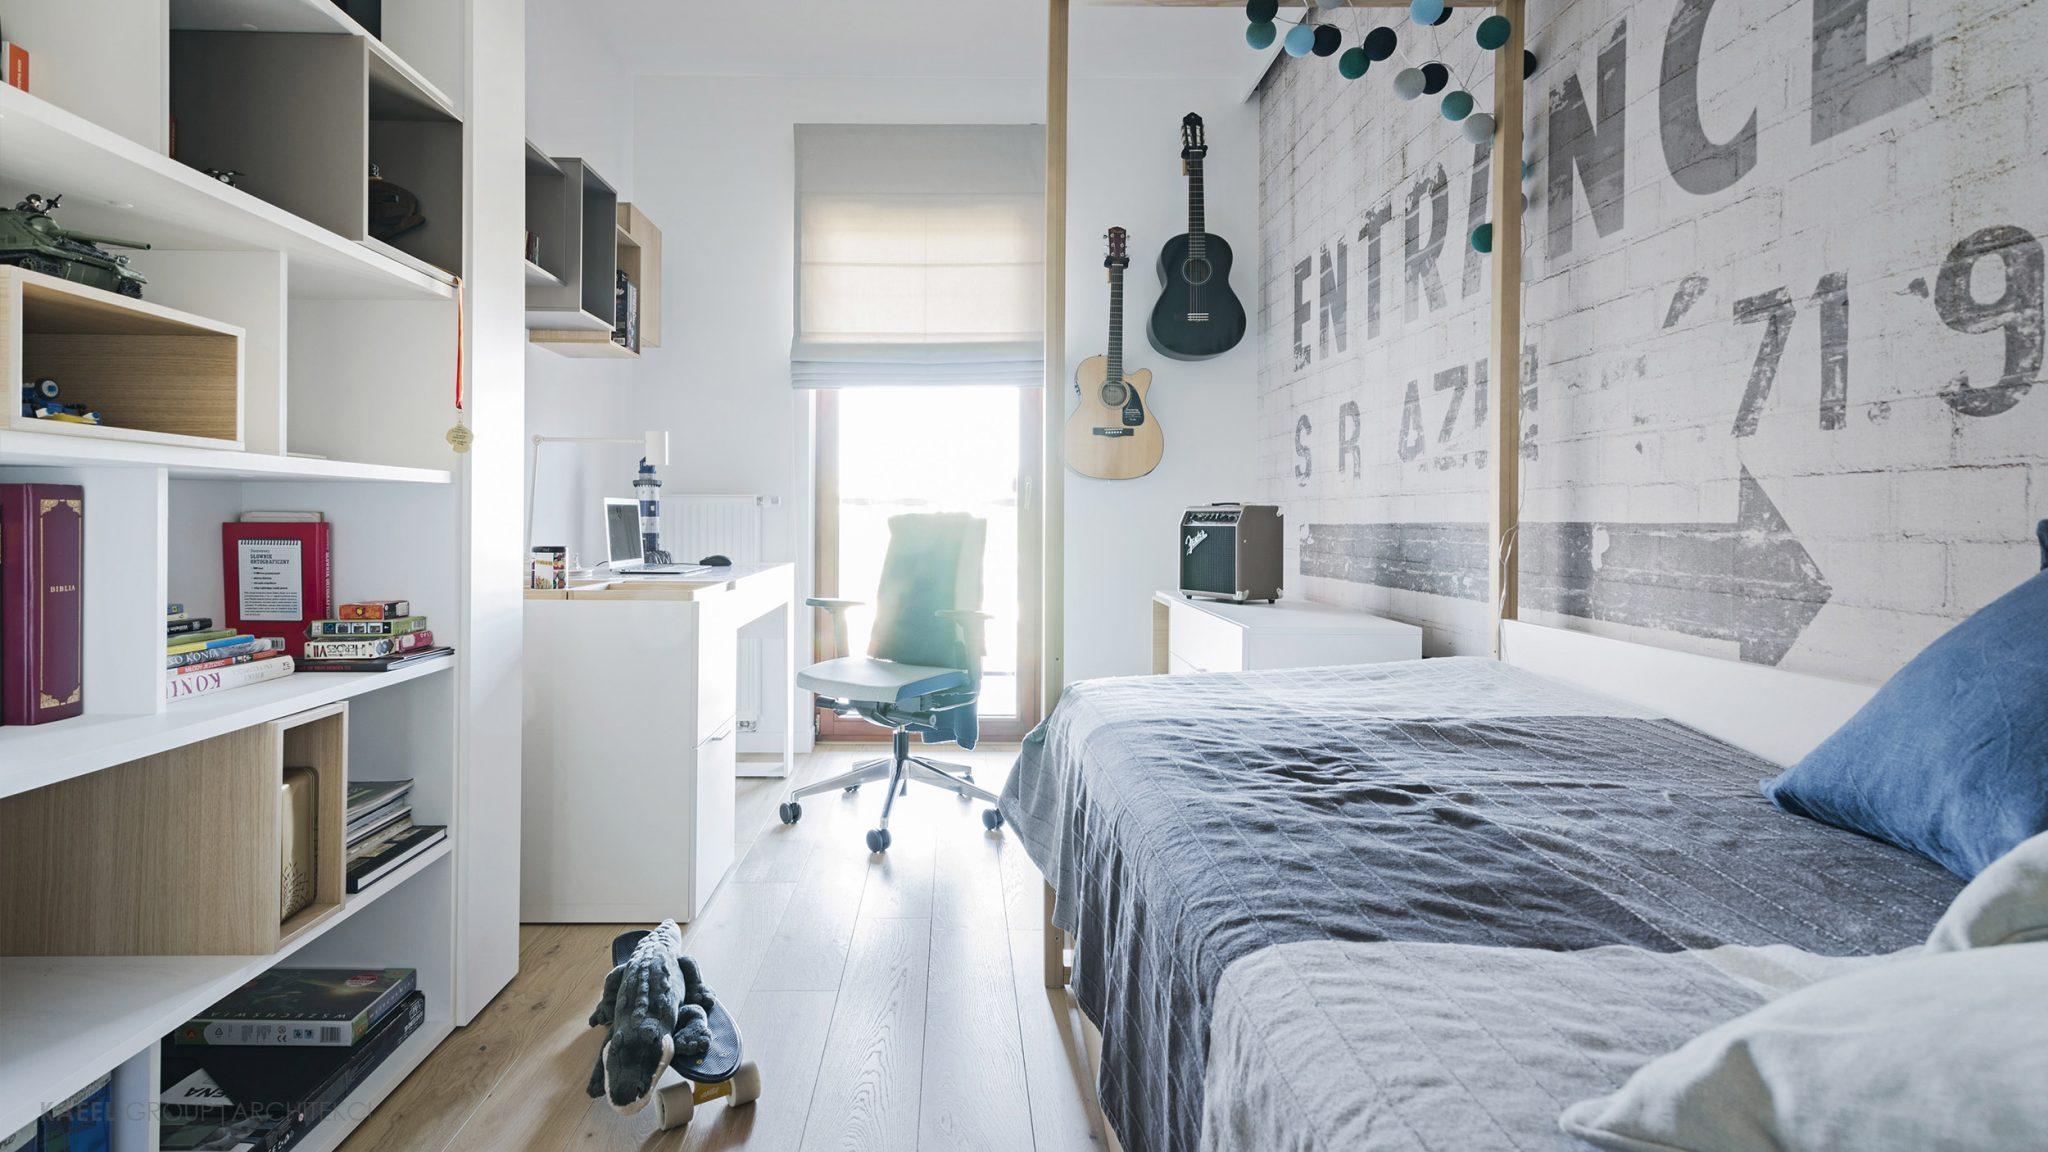 Pokój dziecięcy z wiszą gitarą